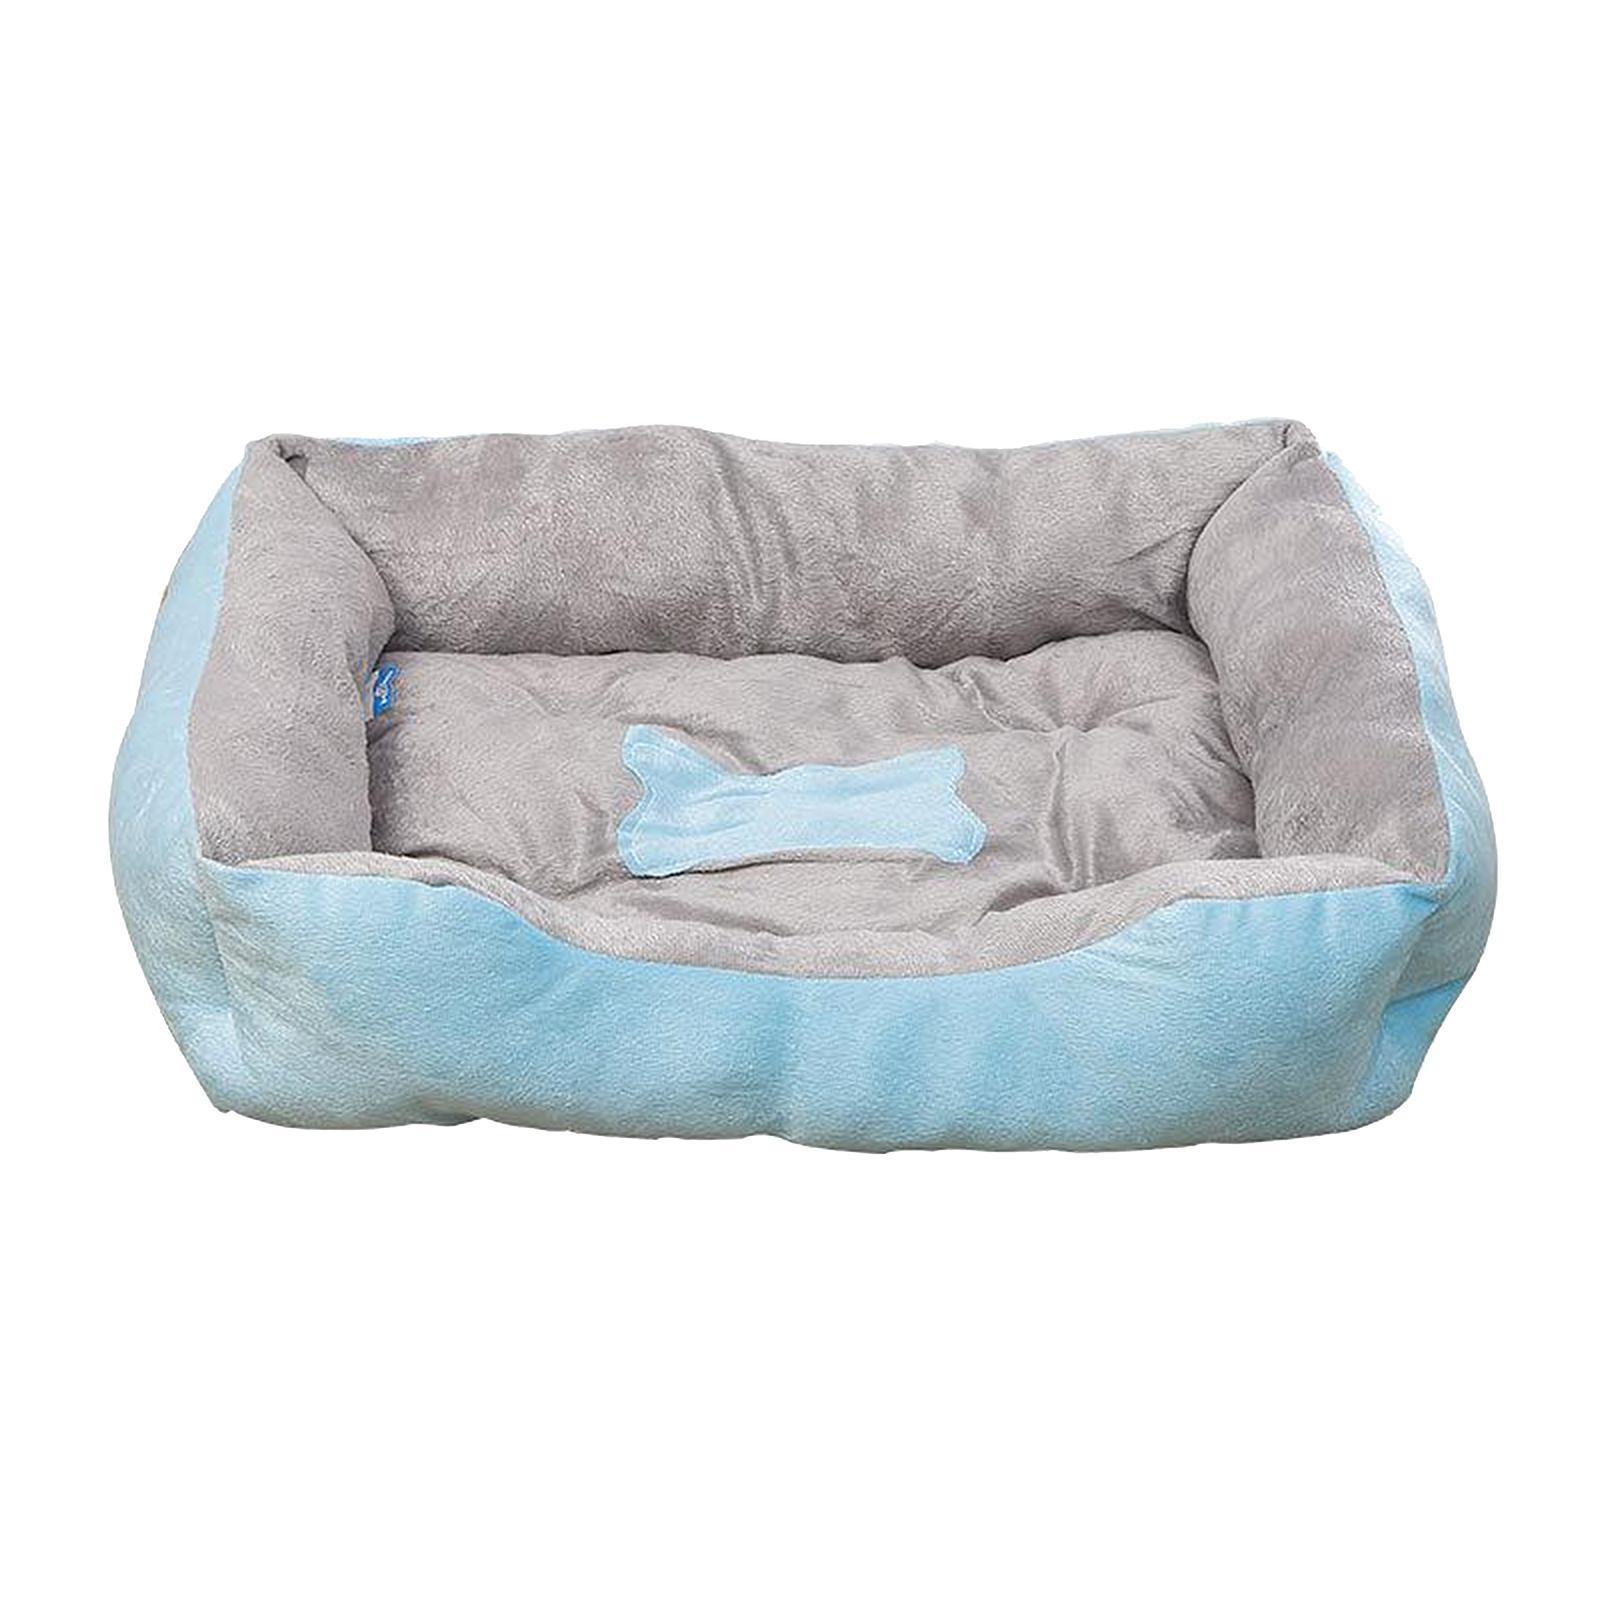 Indexbild 60 - Katze-Hund-Bett-Pet-Kissen-Betten-Haus-Schlaf-Soft-Warmen-Zwinger-Decke-Nest